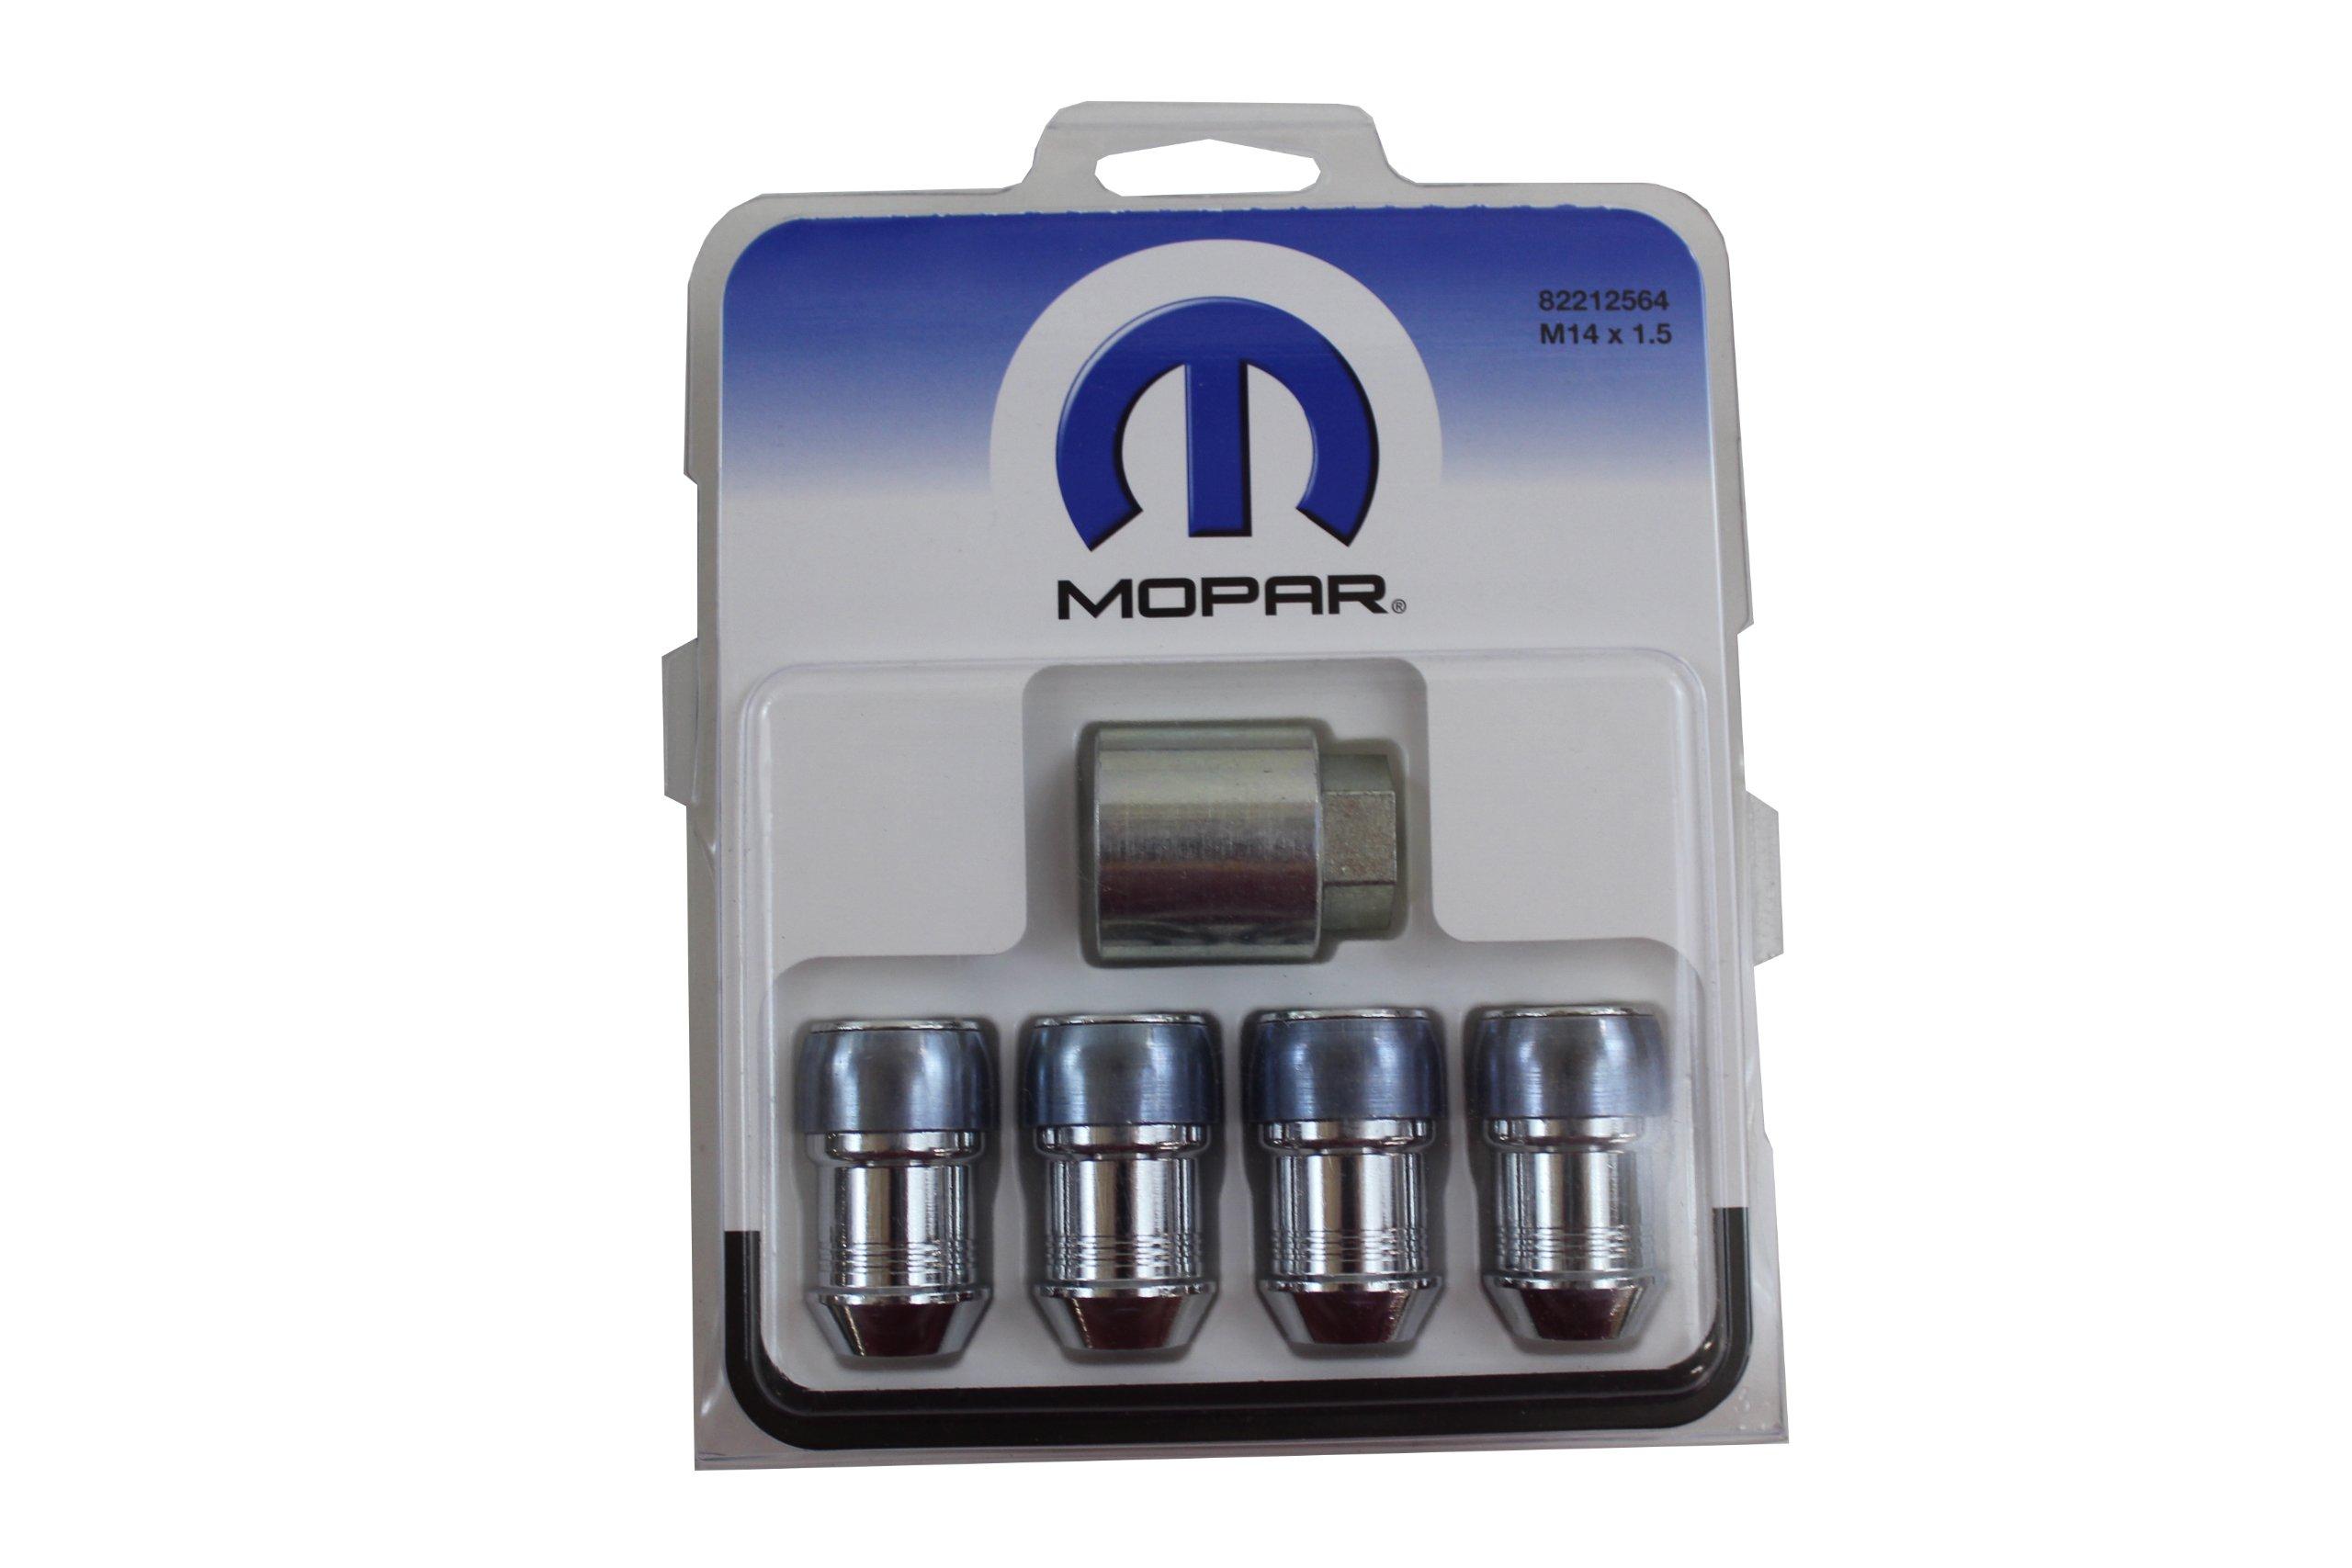 Chrysler Genuine Accessories 82212564 One-piece Wheel Lock Kit